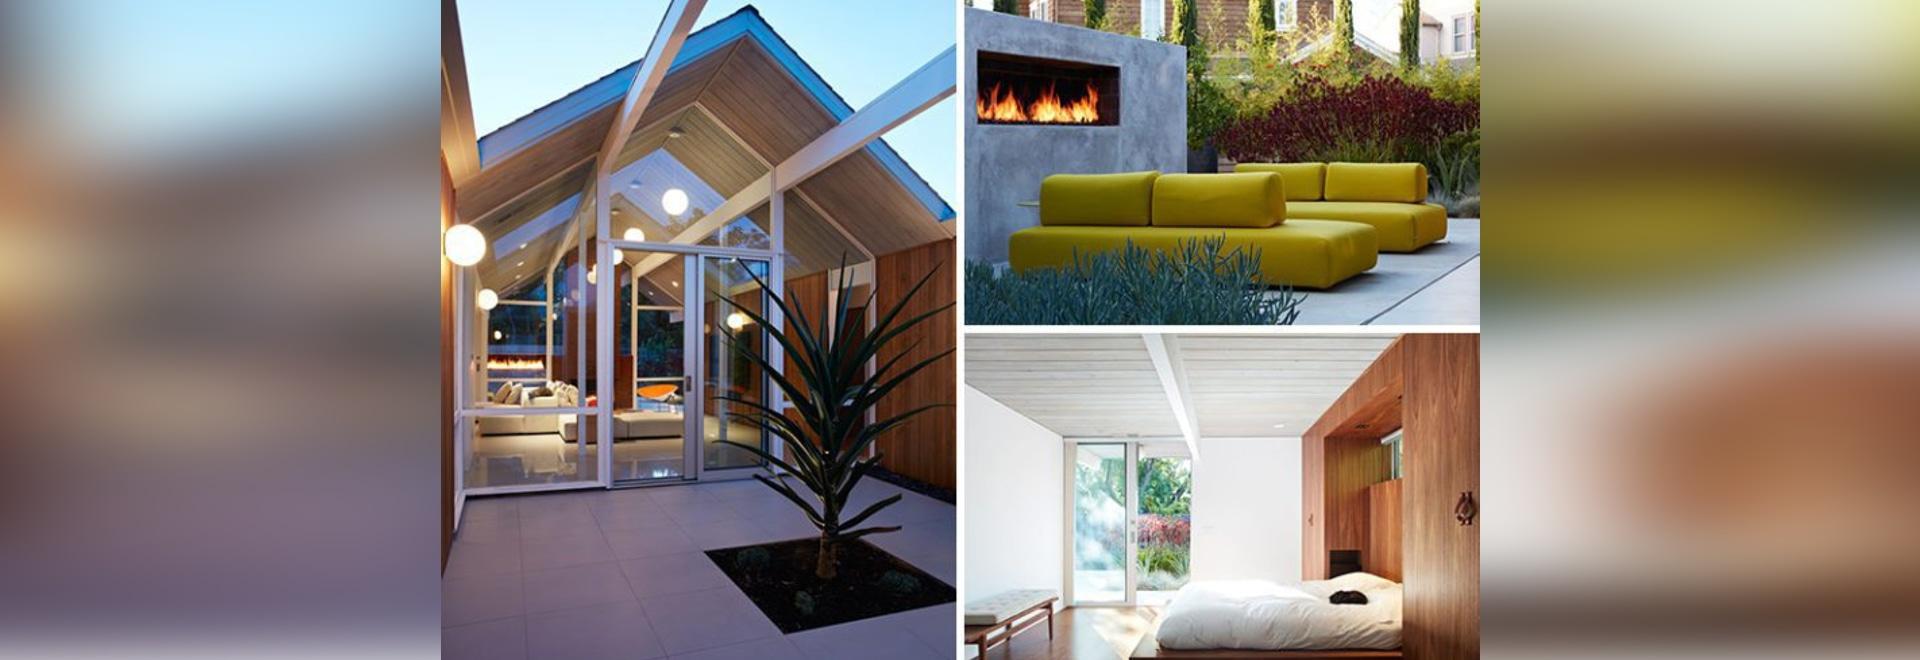 GroB Dieses Mitte Des Jahrhunderts Moderne Eichler Haus In Kalifornien Erhielt  Einen Zeitgenossen Umgestalten